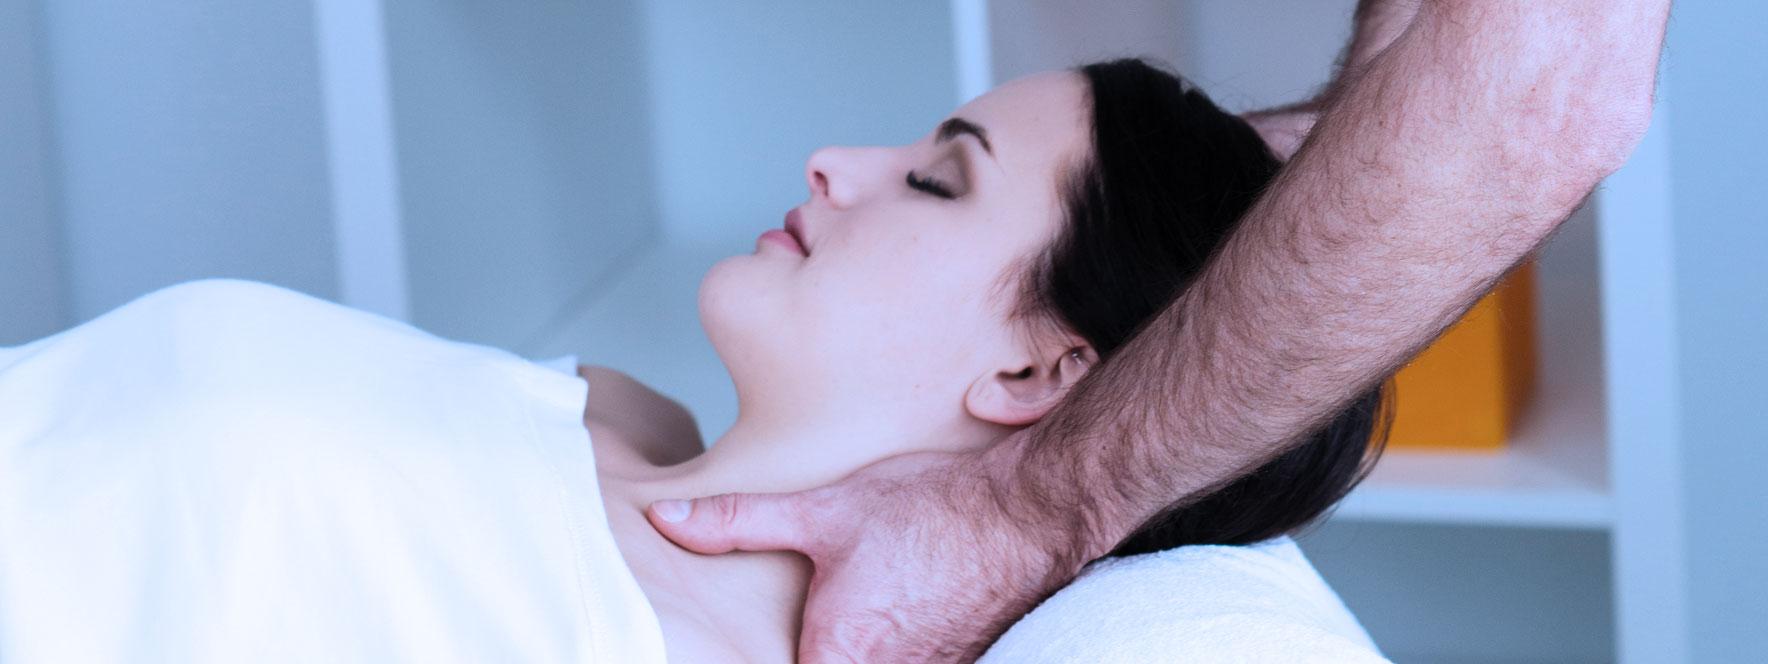 Une femme relaxe pendant son soin en massothérapie